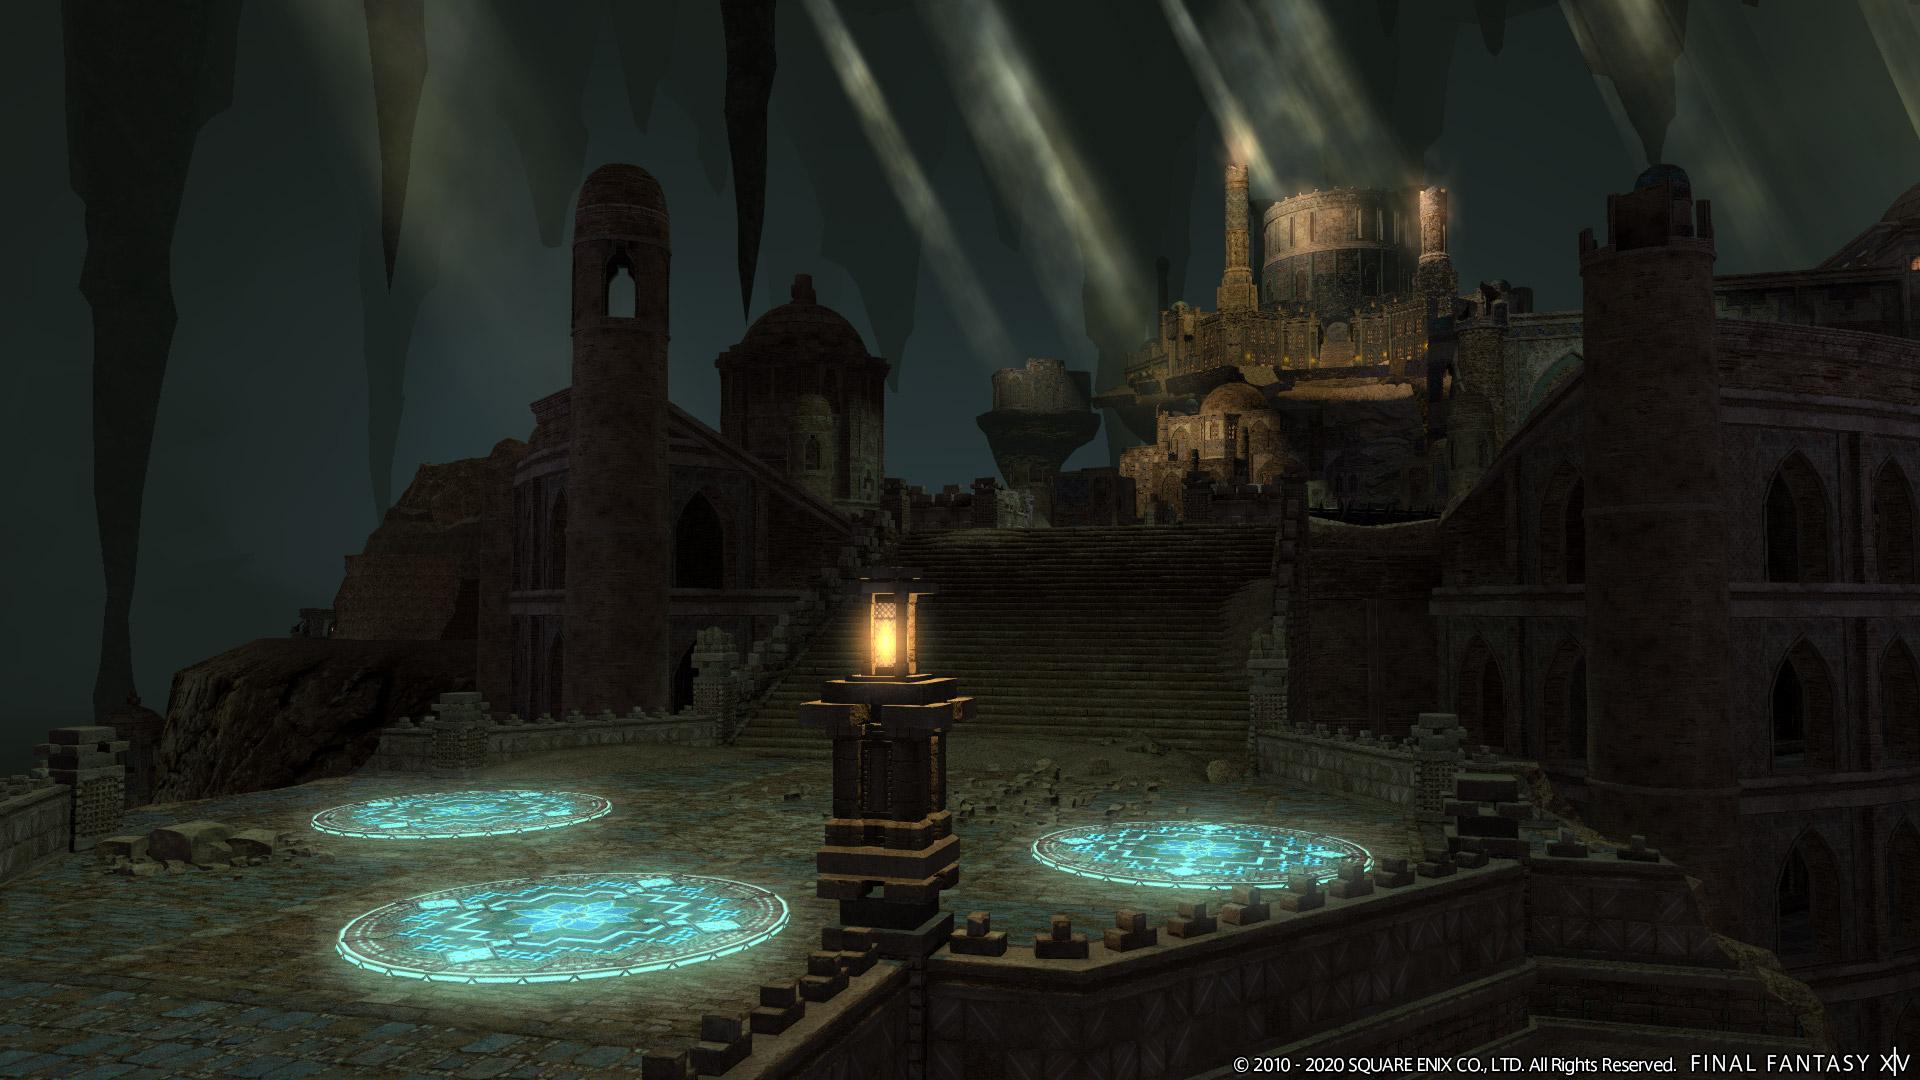 Final Fantasy XIV Patch 5.45